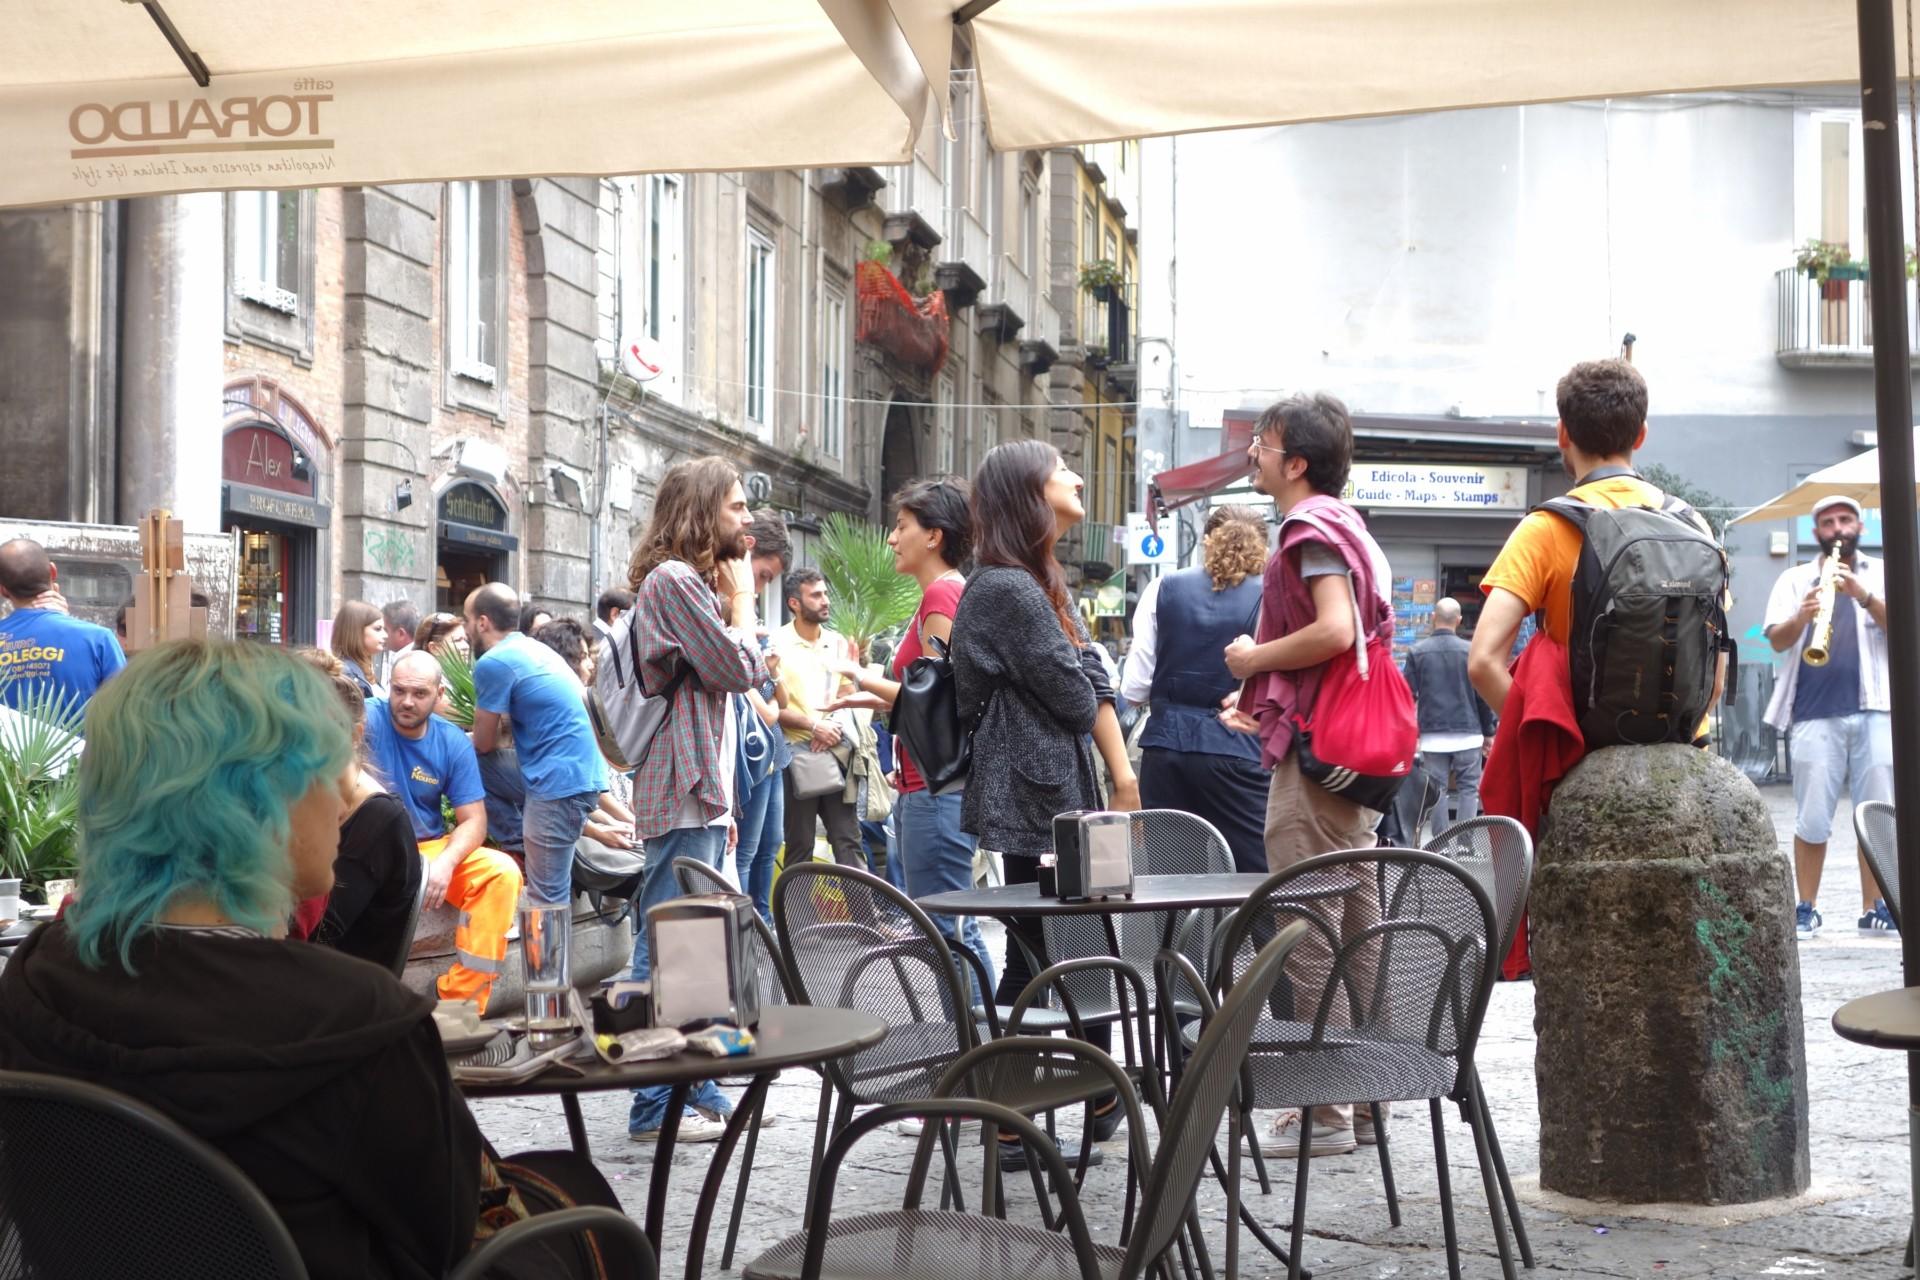 Im centro storico, Piazza San Domenico Maggiore